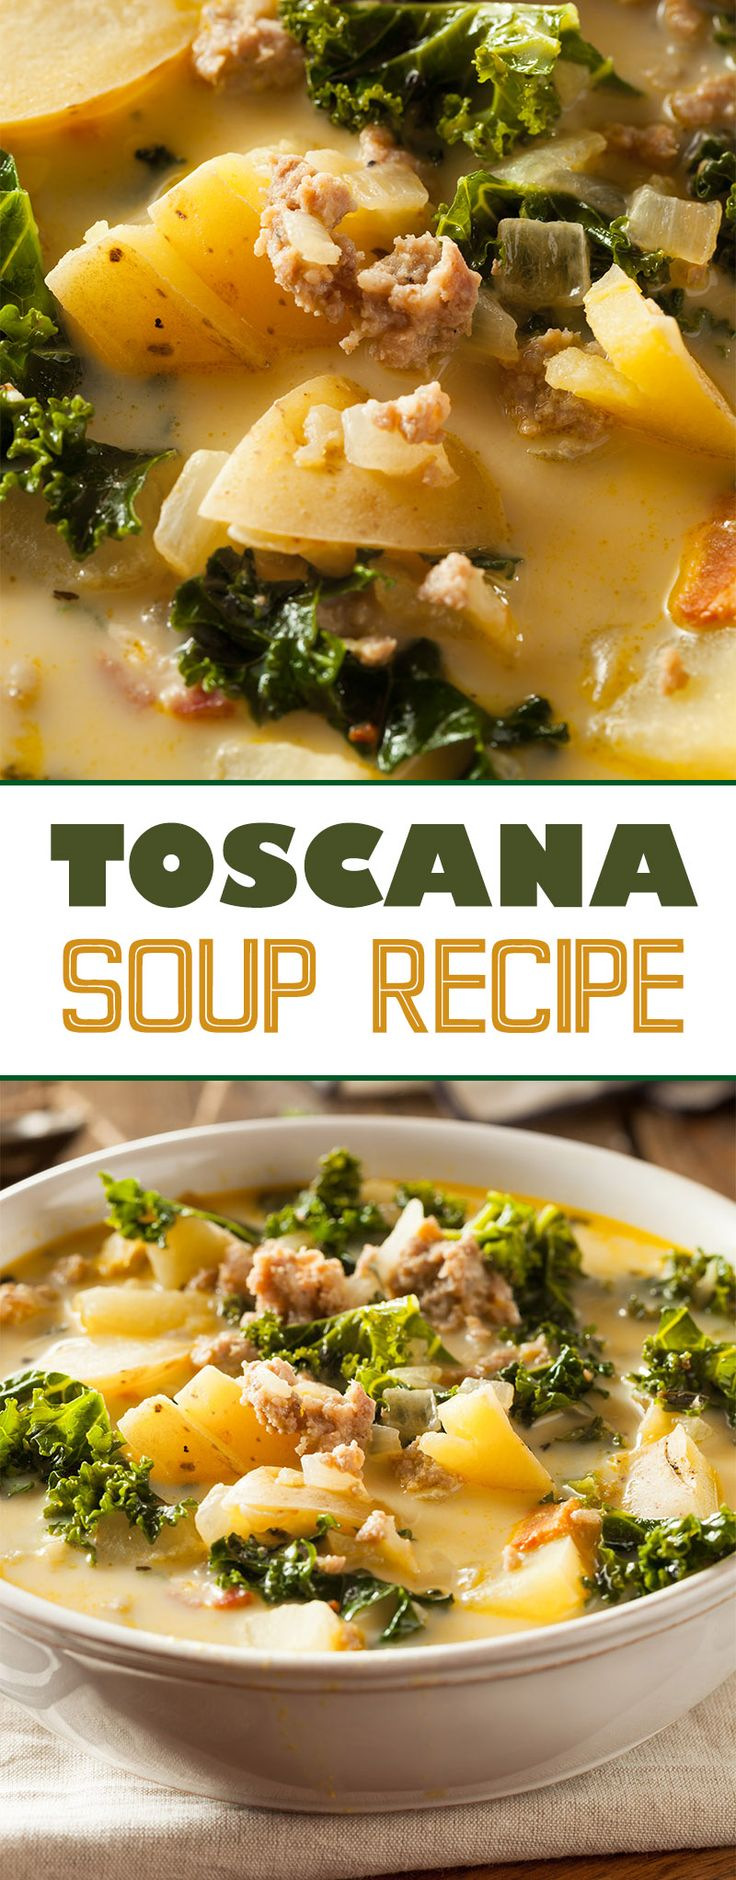 Toscana Soup Recipe | Food Blog | Cooking | Recipes | Soups | Italian Recipes